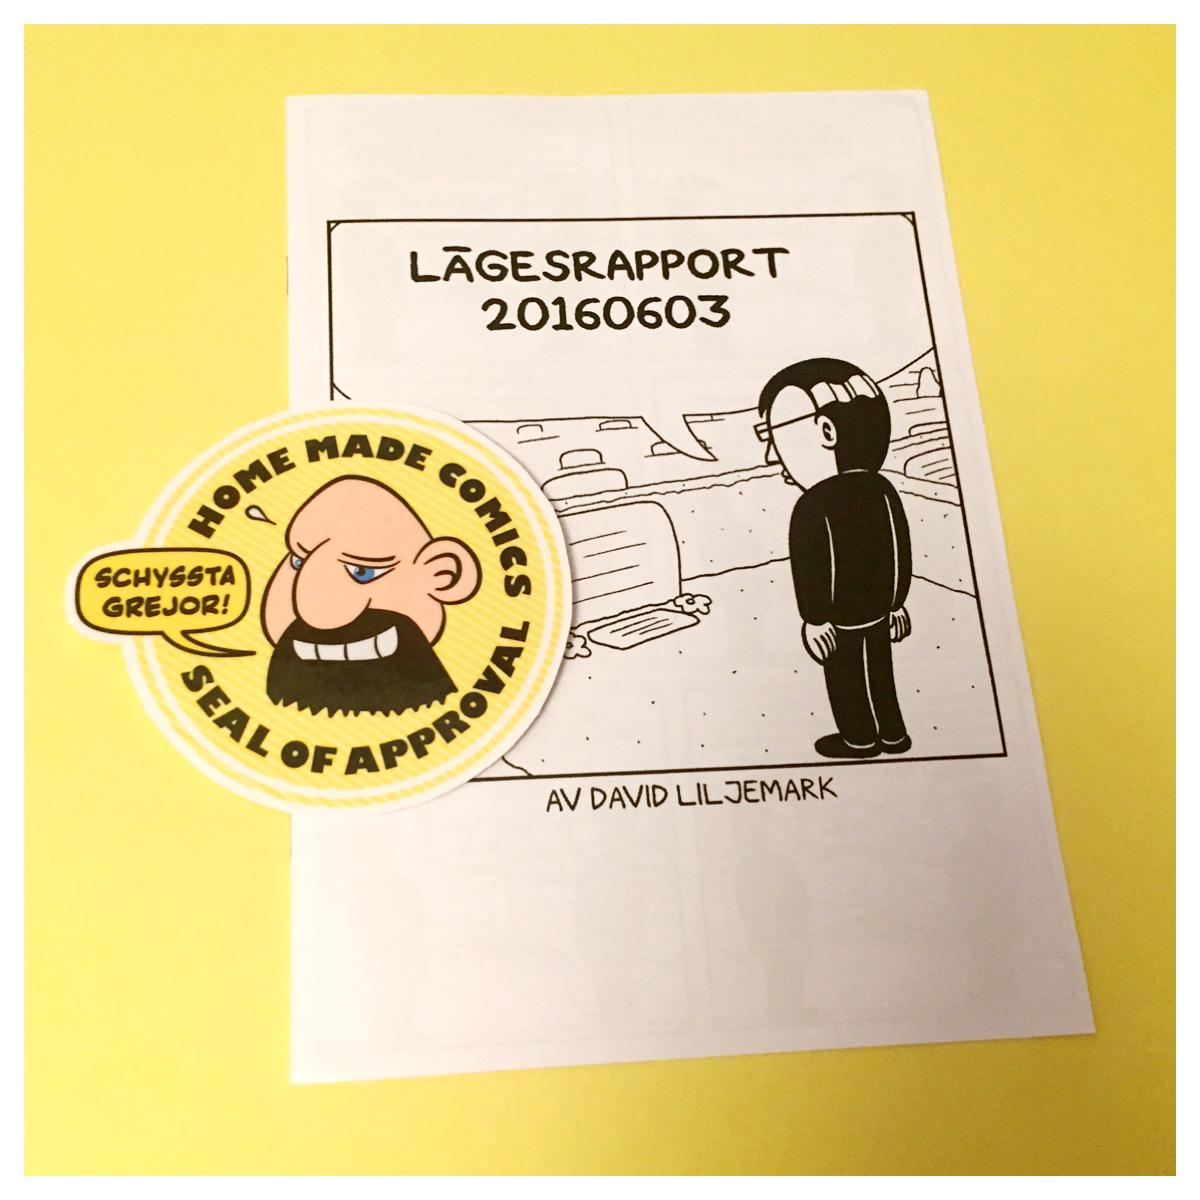 Home Made Comics Seal of Approval #136. Lägesrapport 20160603 av David Liljemark utgiven 2016.